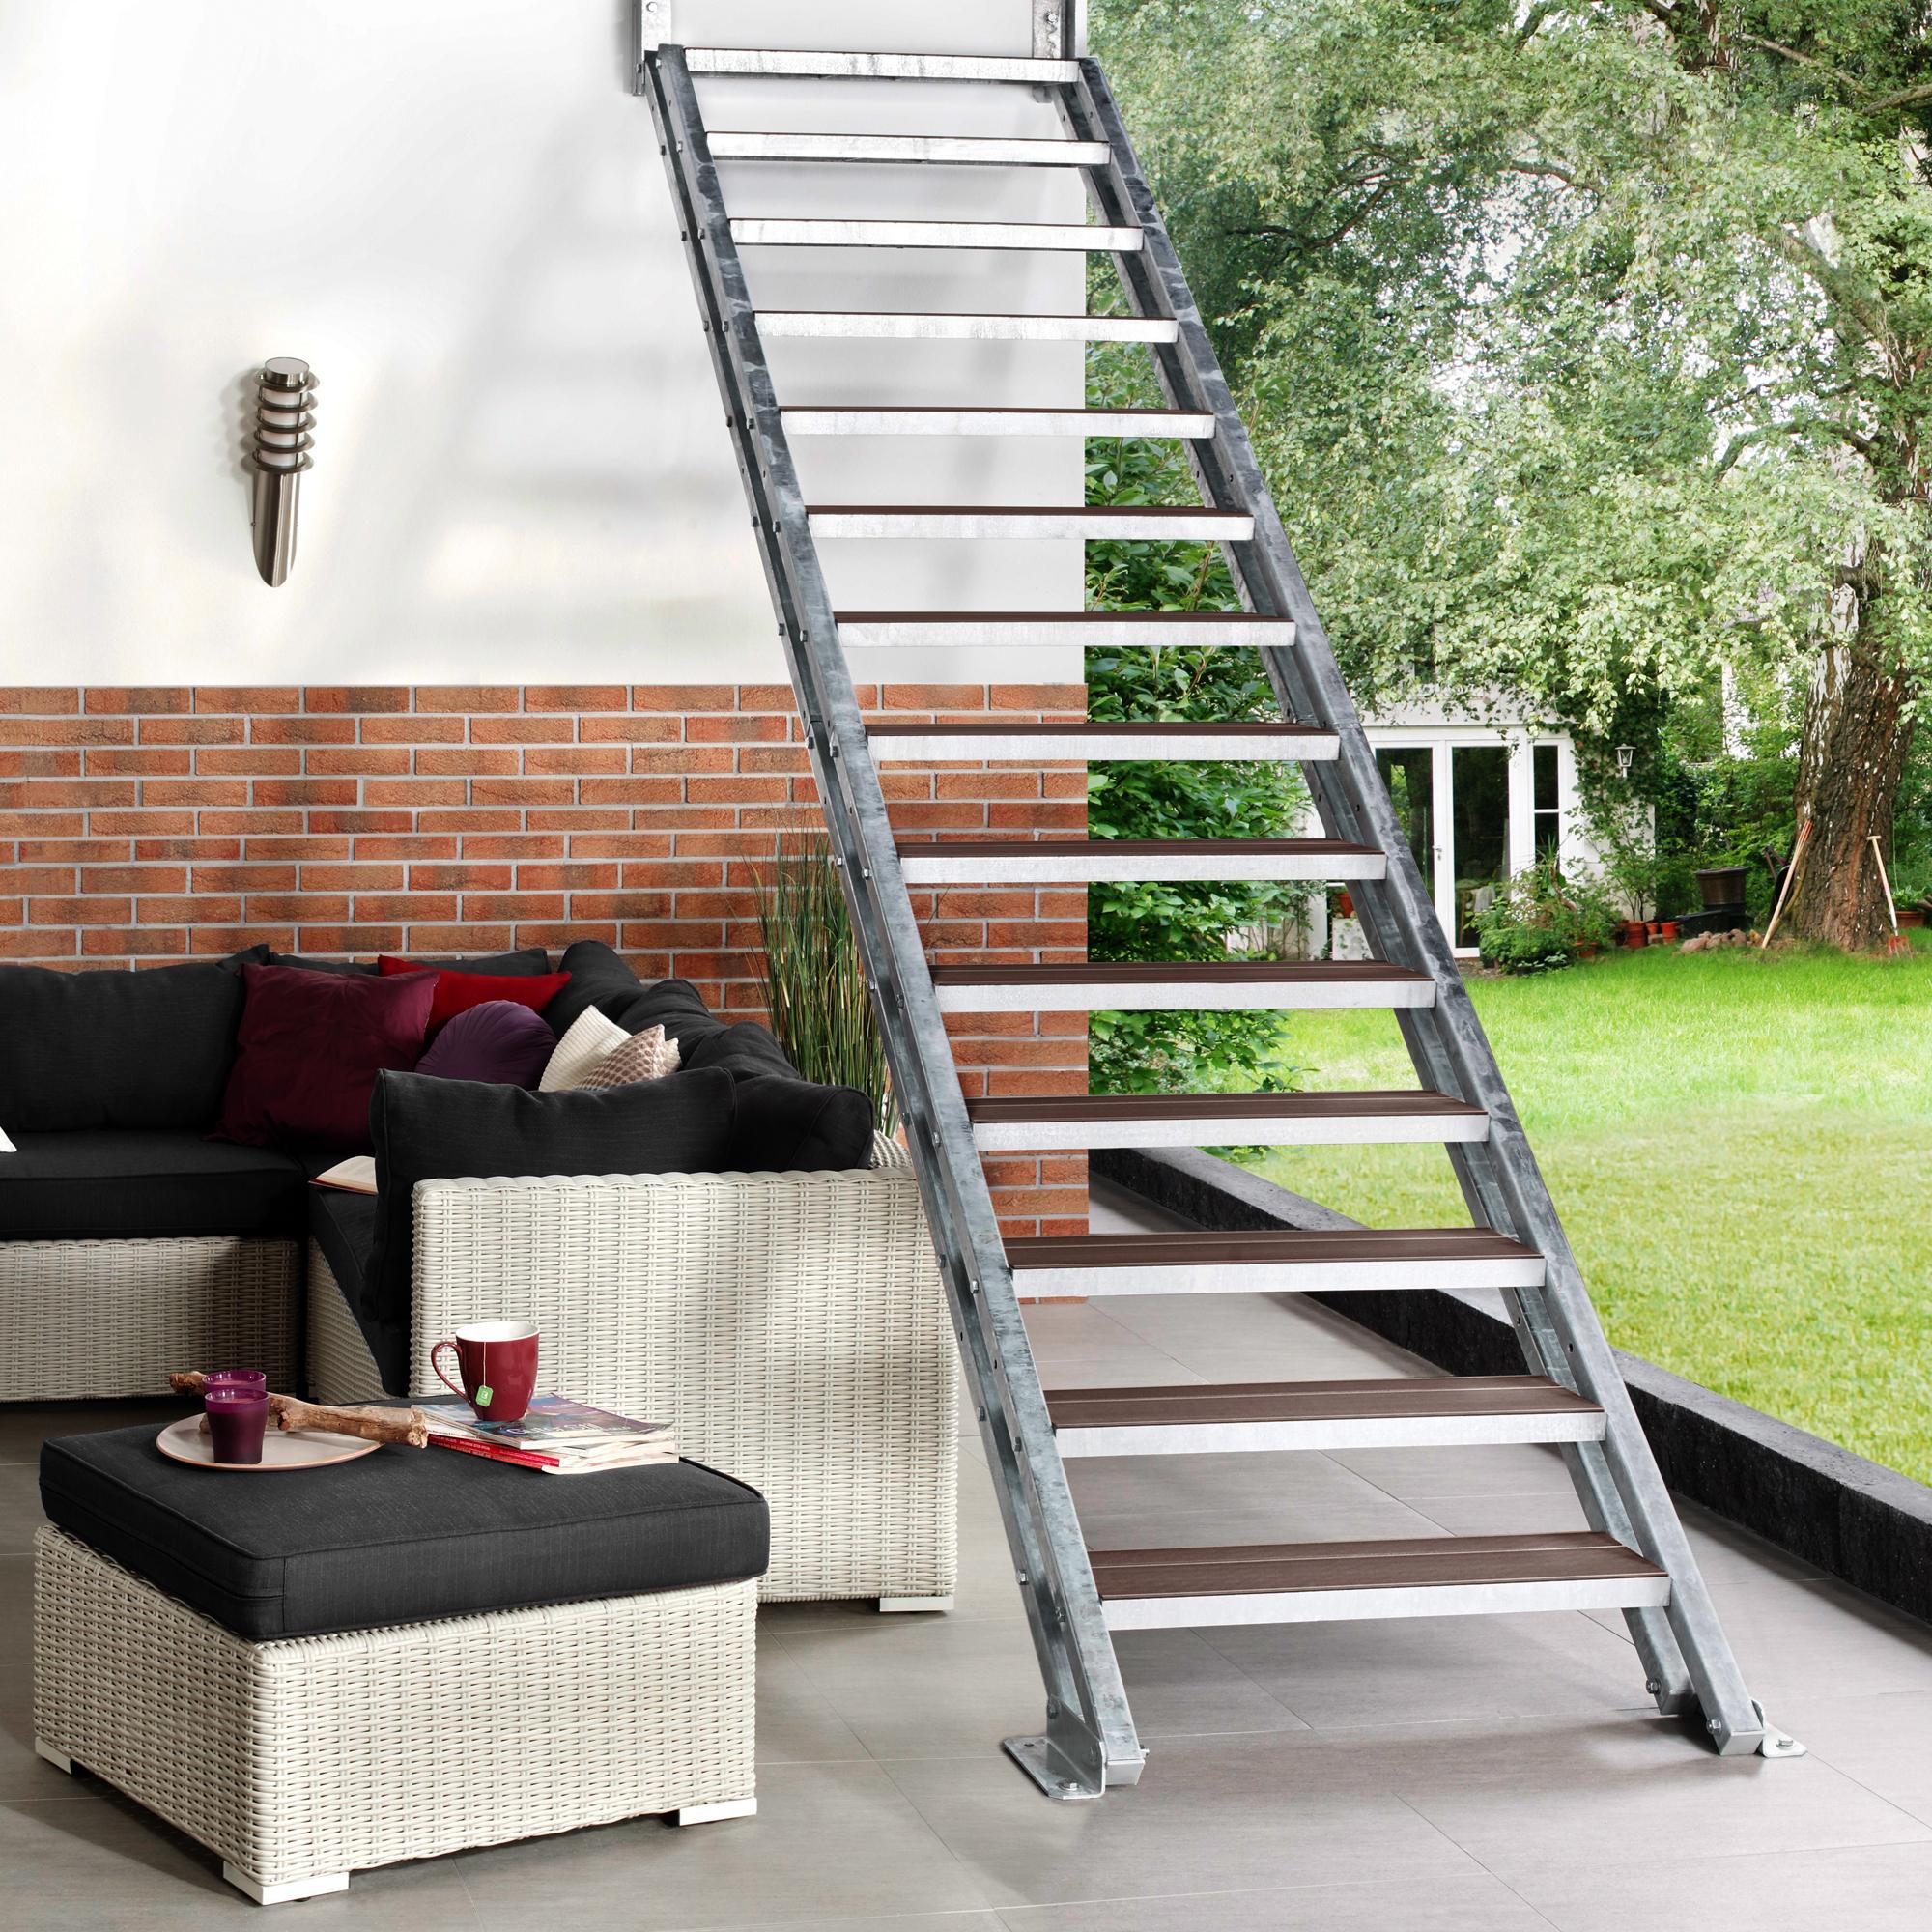 au entreppe verzinkt mit 14 stufen und gel nder top preis. Black Bedroom Furniture Sets. Home Design Ideas